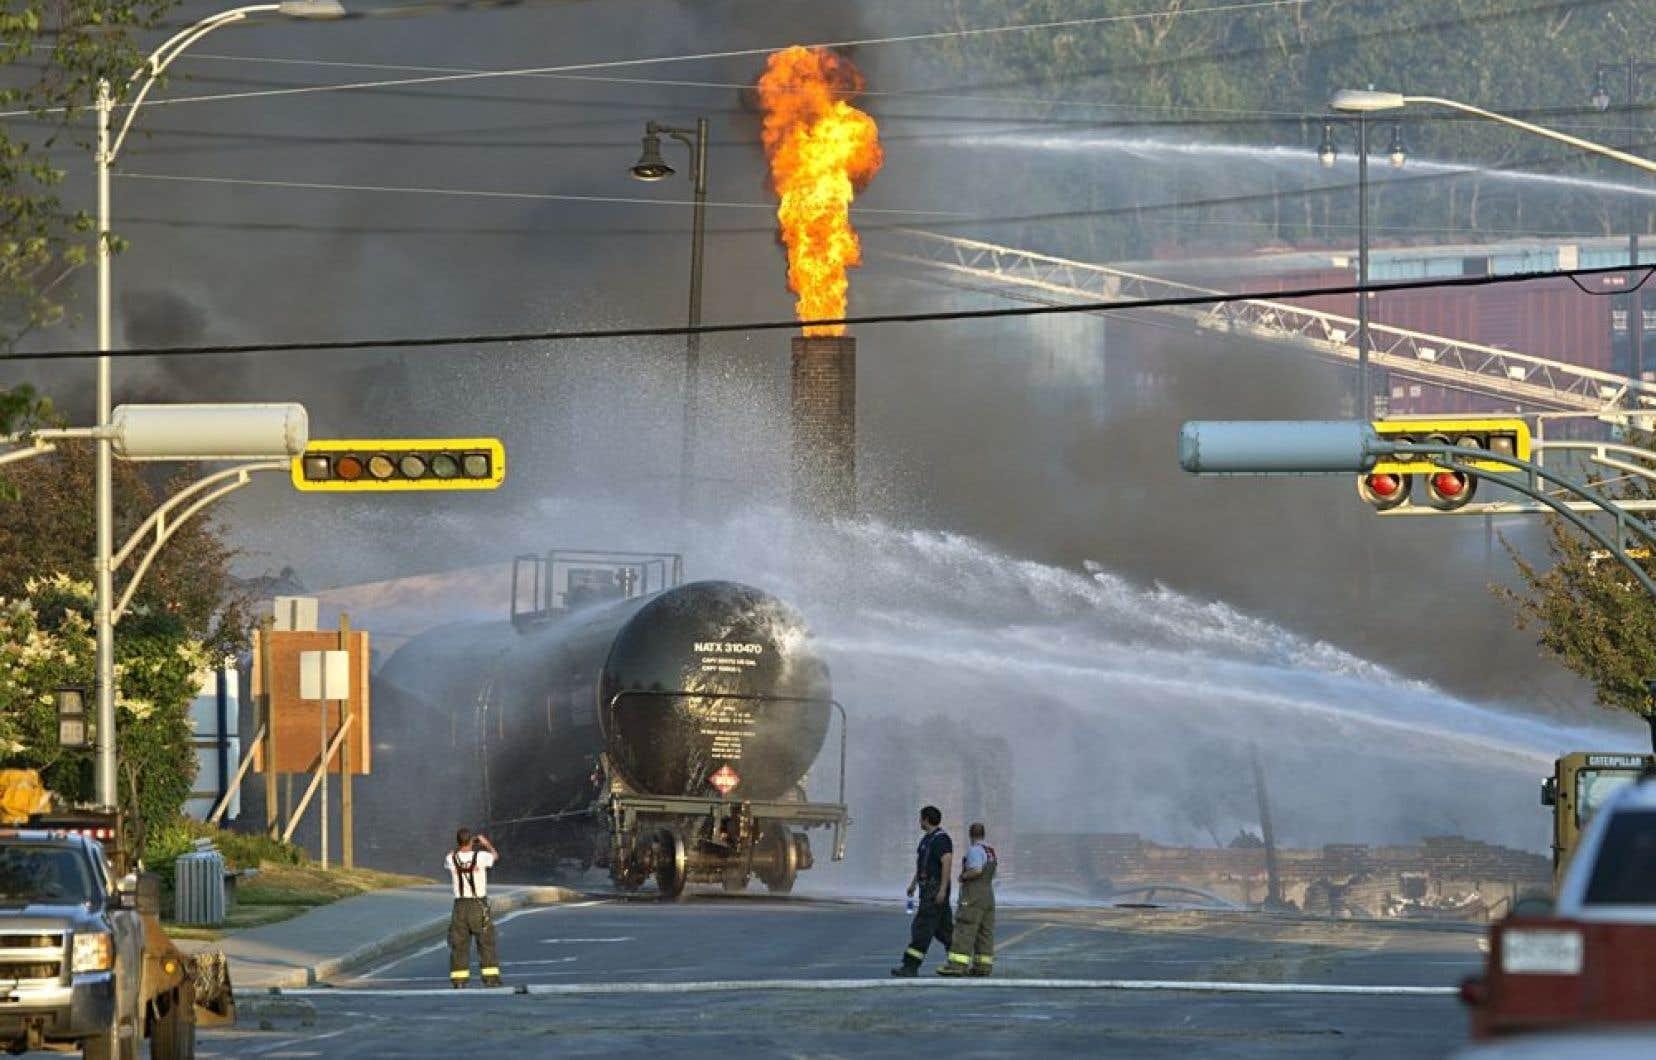 Le fait qu'un train chargé de pétrole se soit déplacé sans conducteur dans le coeur d'une petite municipalité pour ensuite détruire une partie de son centre-ville domine les manchettes des articles publiés dans le monde.